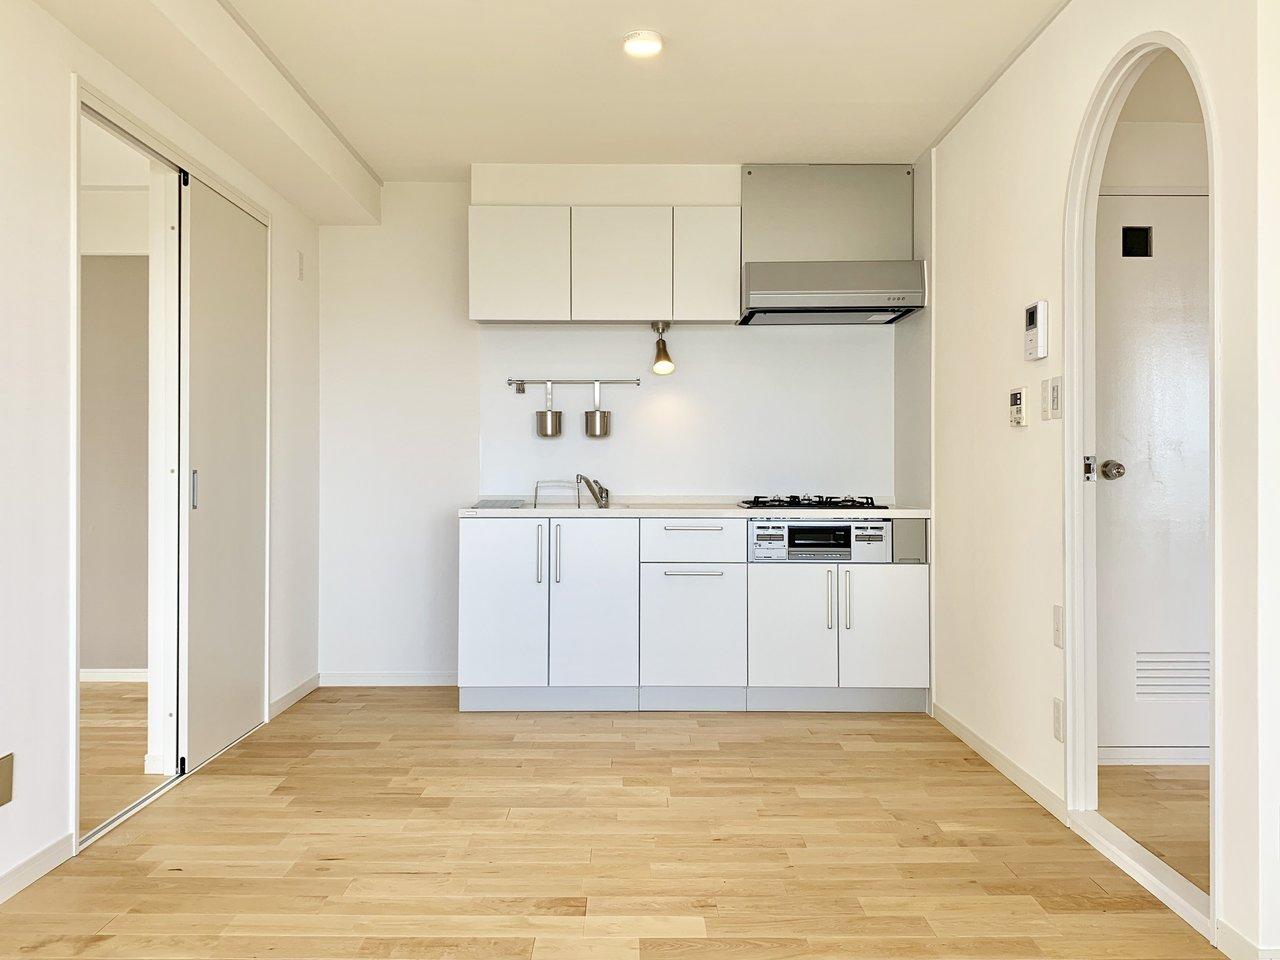 キッチンもこの通り。3口ガスコンロ+グリル付きのキッチンです。背面にも広いスペースがあるので、カウンターをDIYしてあなただけのオリジナルスペースを作ってもいいですね!